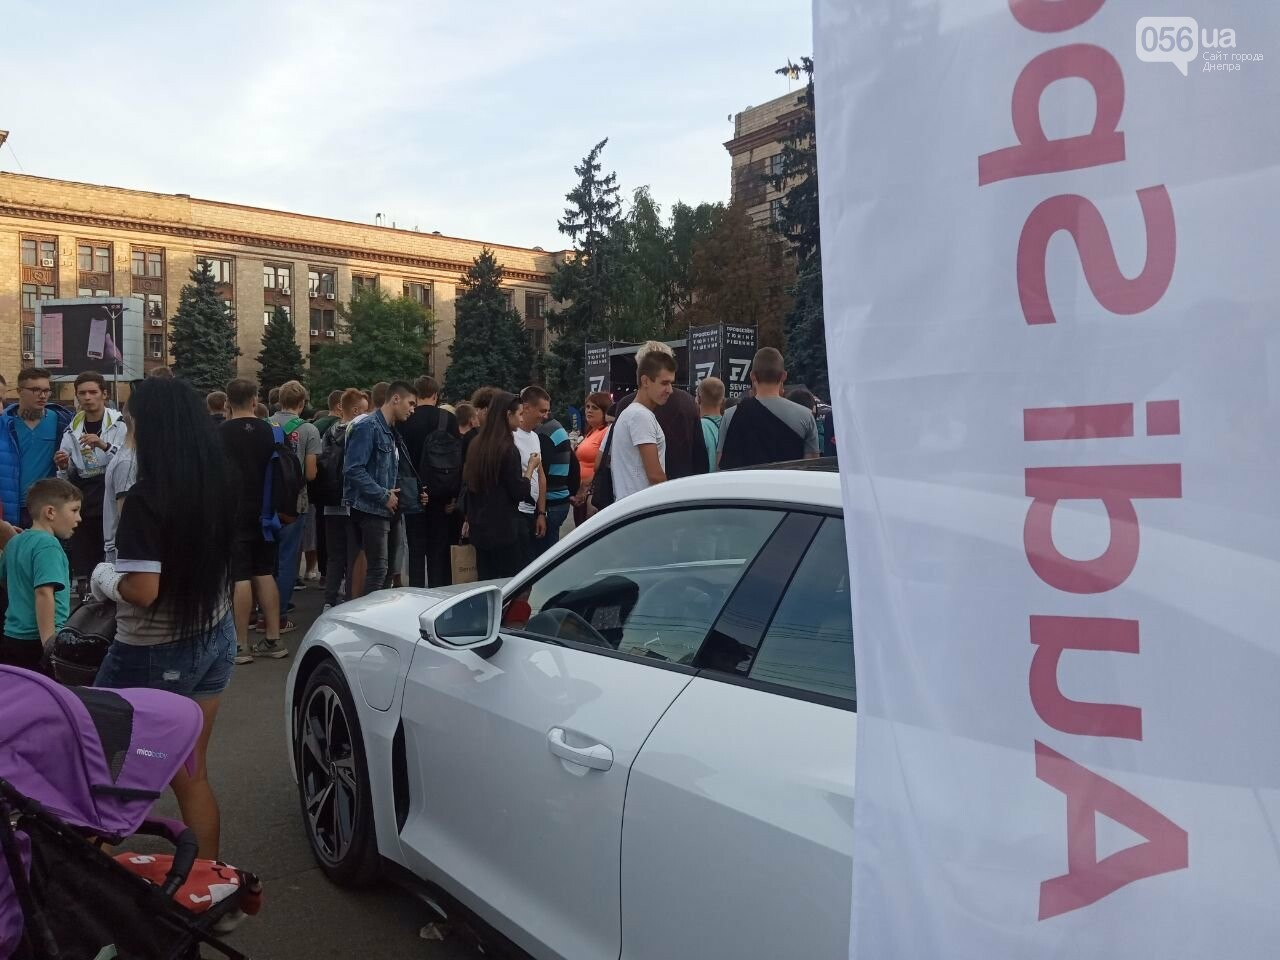 Дрифт в центре Киева спровоцировал скандал, а для Днепра стал шоу с жирными следами, - ФОТО, фото-1